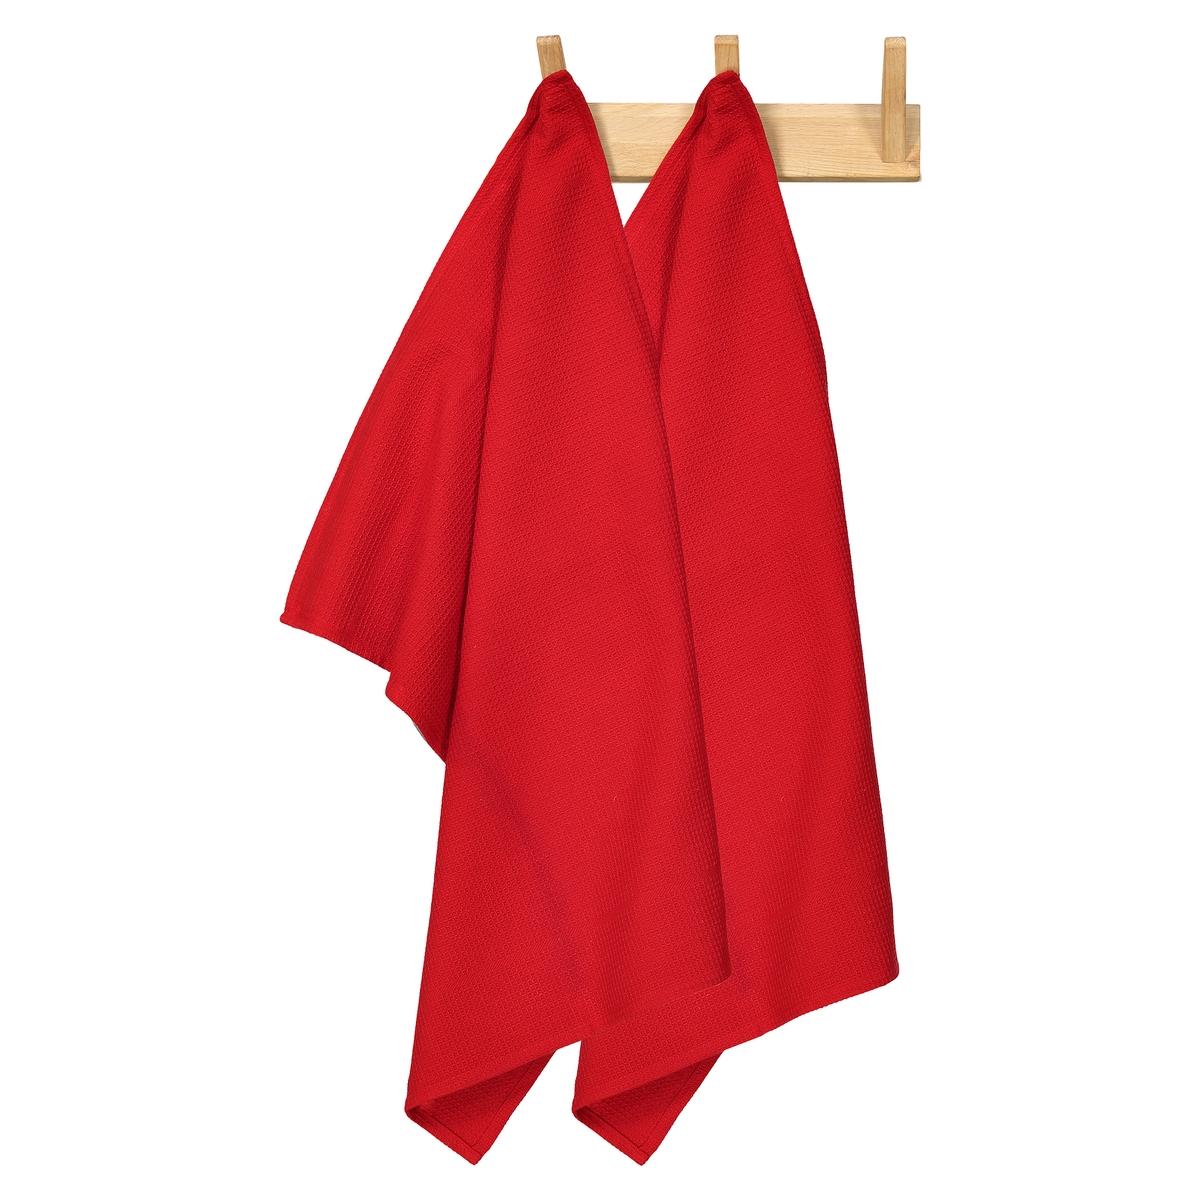 Комплект из полотенец из La Redoute Вафельной ткани единый размер красный полотенце la redoute для рук из махровой ткани хлопок с люверсом единый размер бежевый